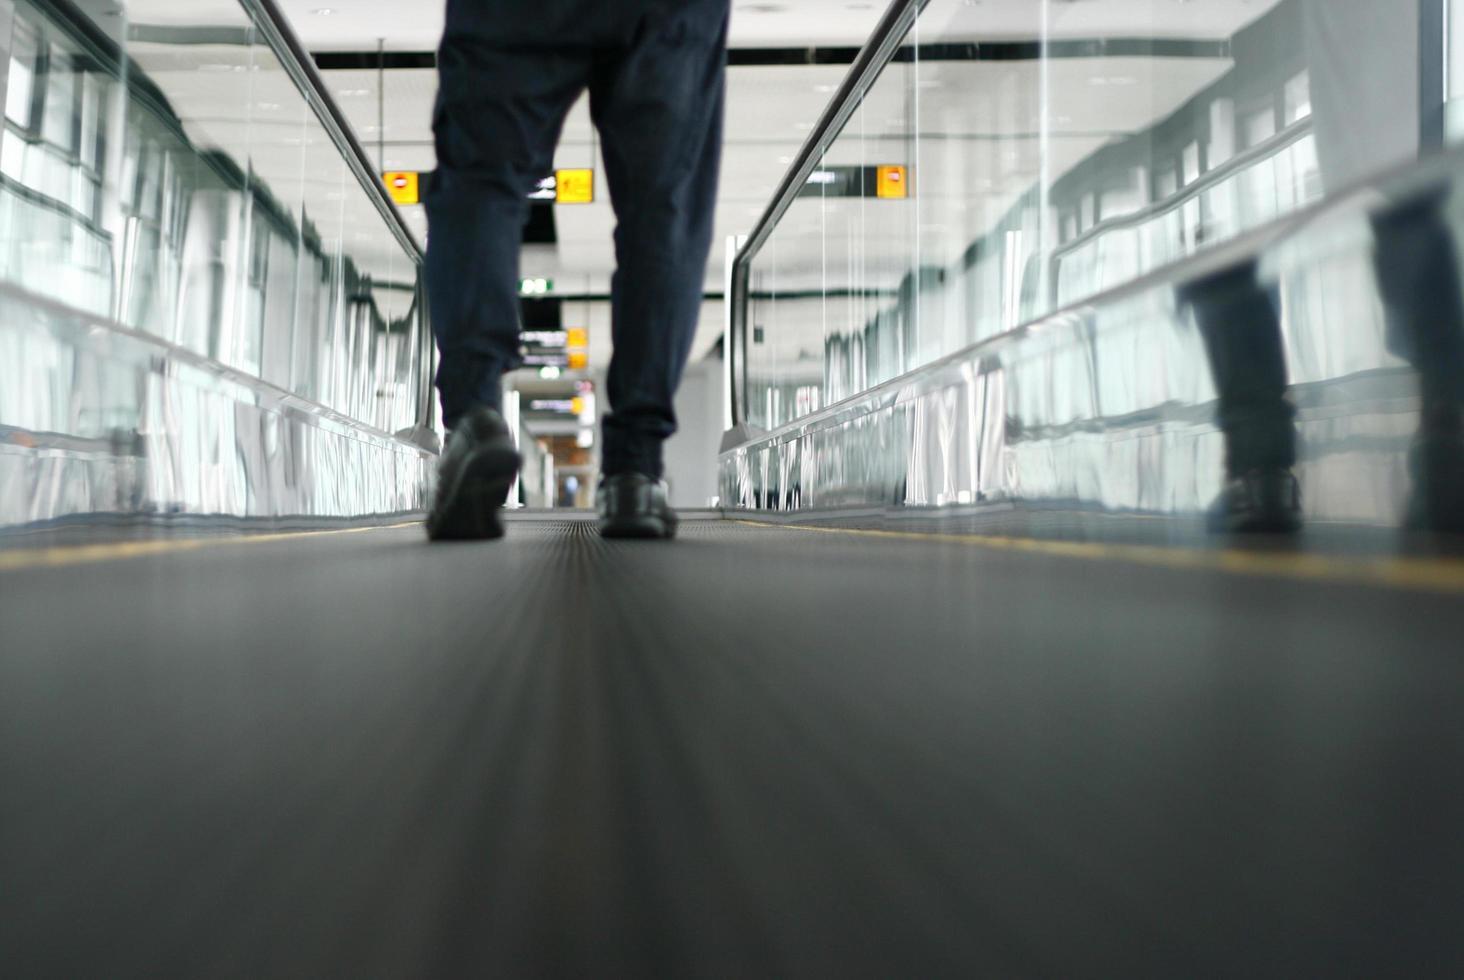 luchthaven glijdende manier foto